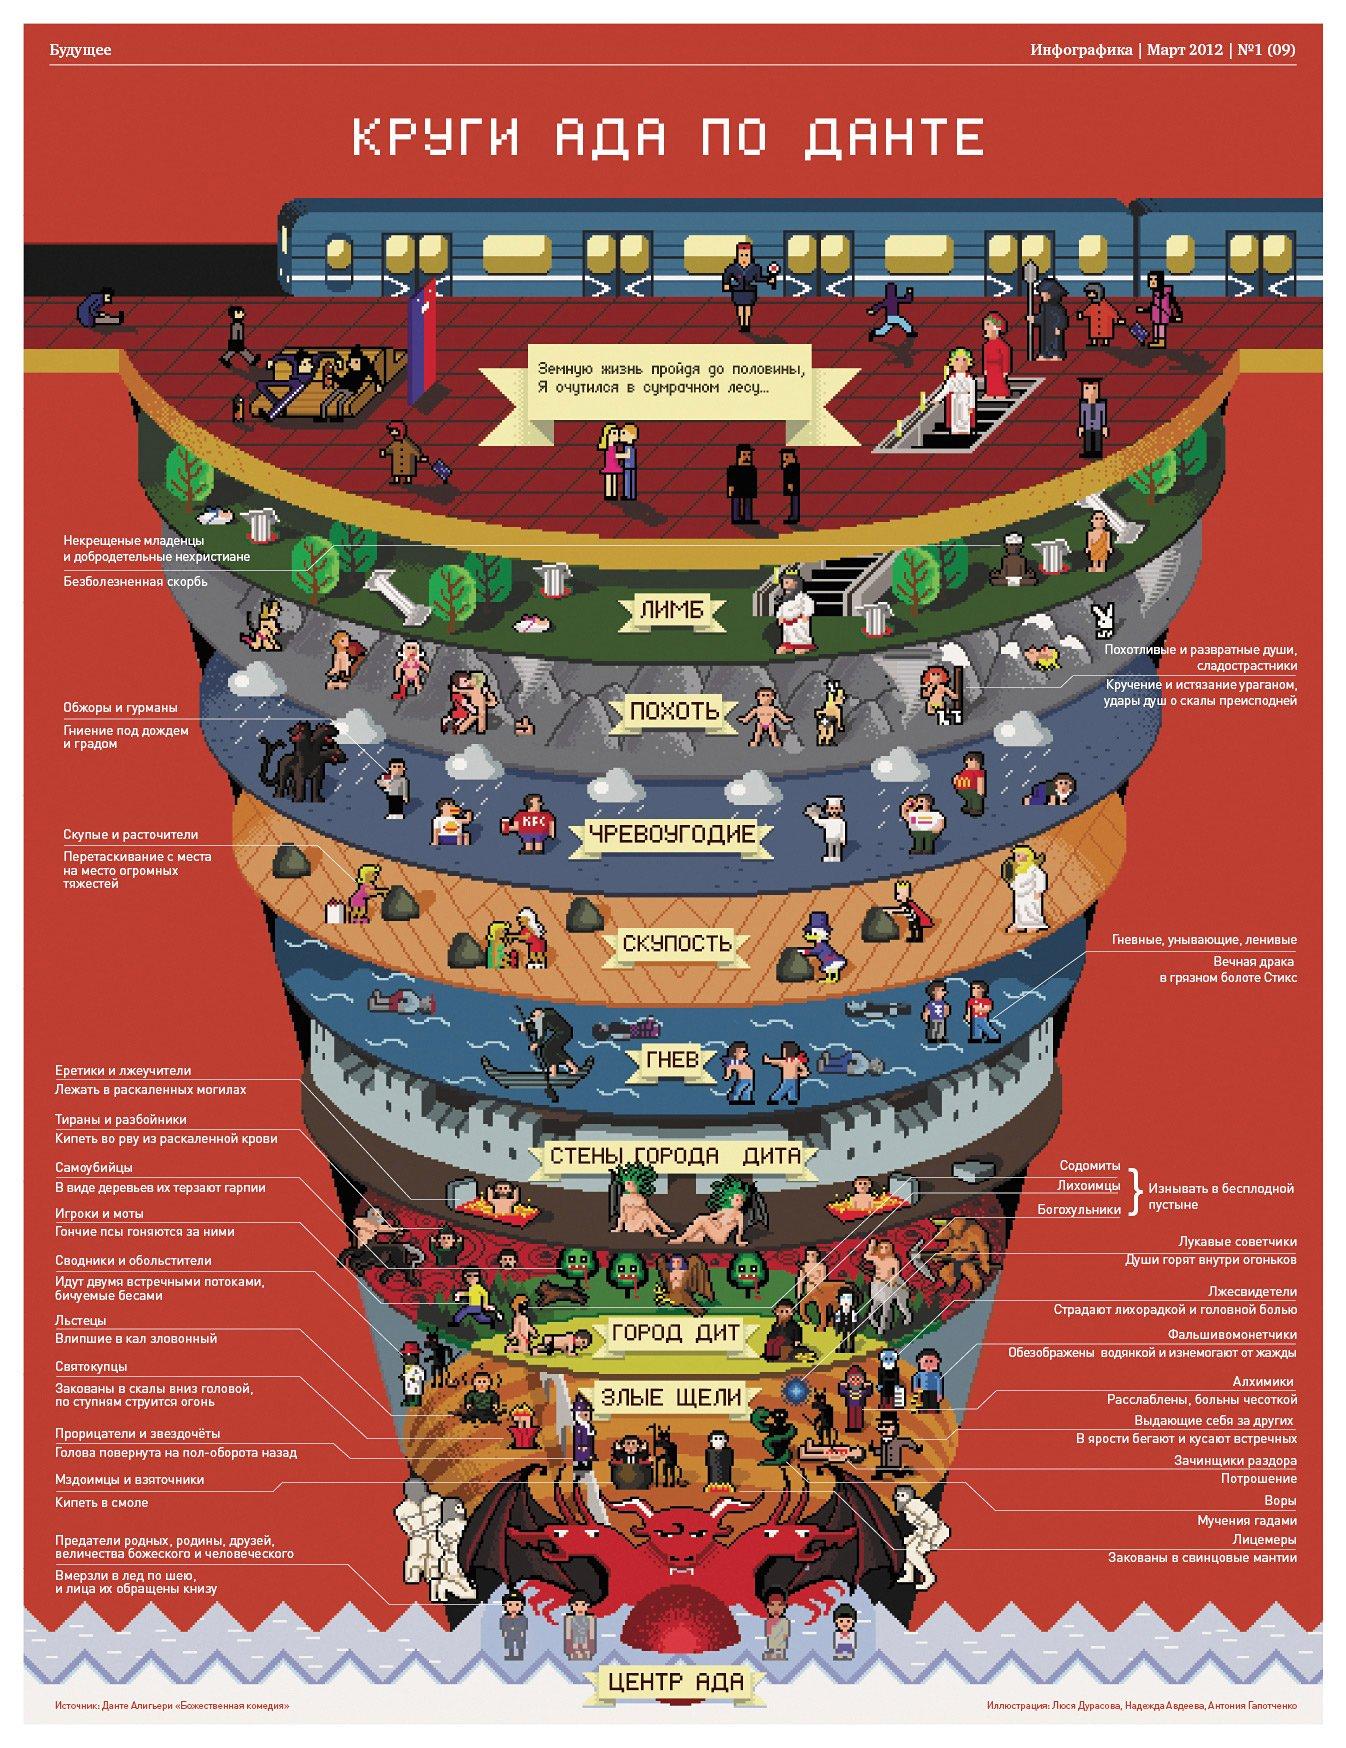 Гайд по аду Данте в инфографике - Изображение 1